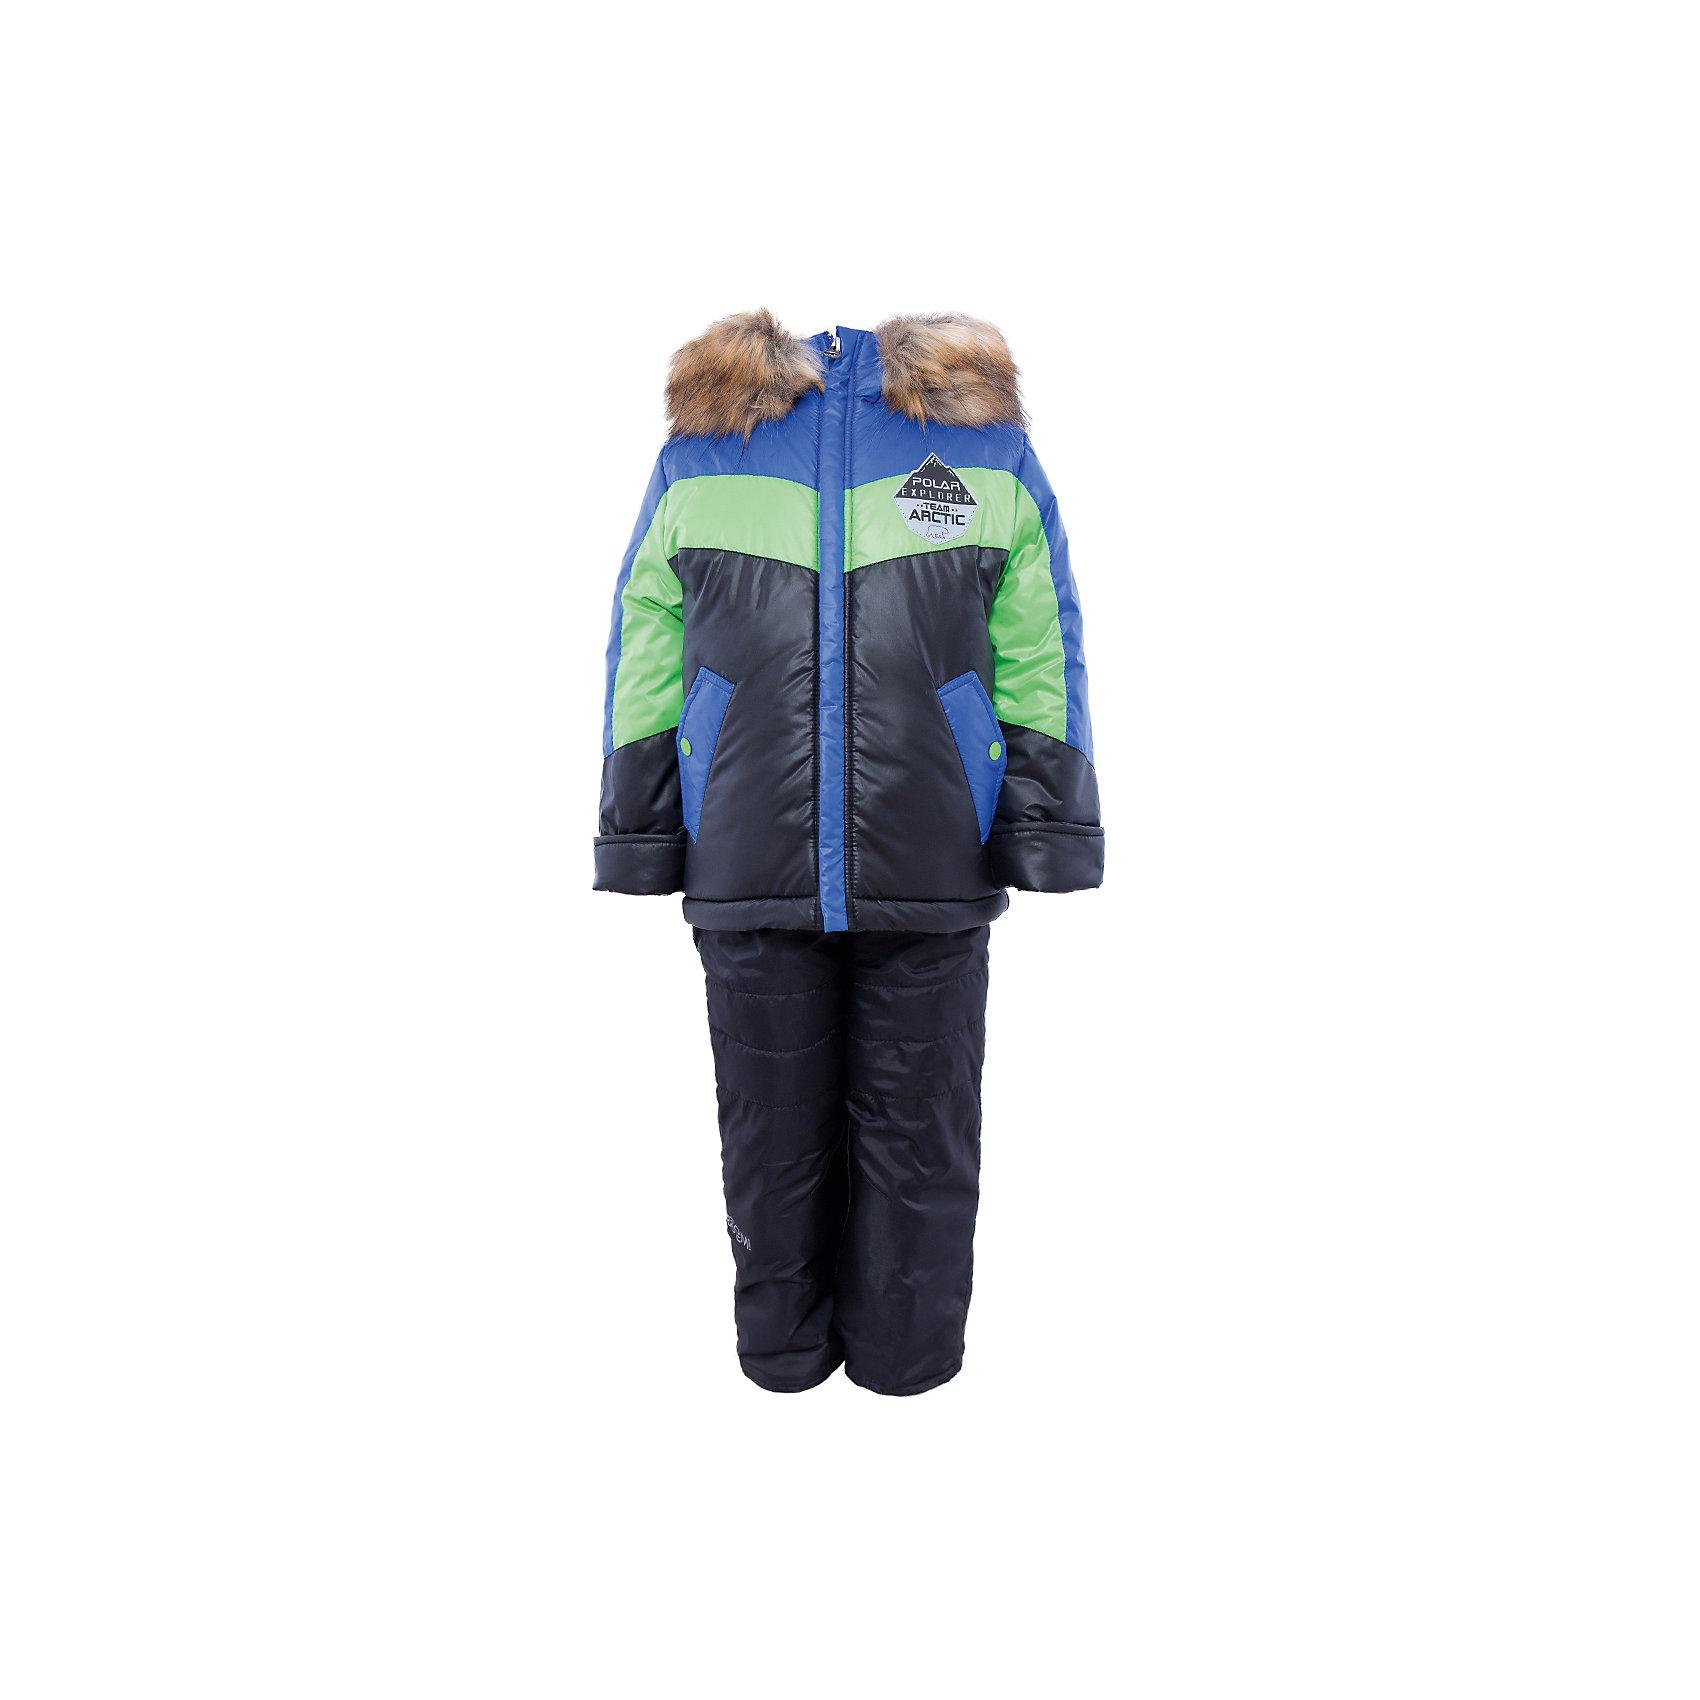 Комплект: курта и брюки для мальчика BOOM by OrbyХарактеристики изделия:<br><br>- комплектация: куртка, полукомбинезон;<br>- материал верха: болонь;<br>- подкладка: ПЭ, флис;<br>- утеплитель: эко-синтепон 400 г/м2, 200 г/м2; <br>- отделка: искусственный мех;<br>- фурнитура: металл, пластик;<br>- застежка: молния;<br>- капюшон;<br>- защита подбородка;<br>- клапан от ветра;<br>- принт на куртке;<br>- температурный режим до -30°С<br><br><br>В холодный сезон важно одеть ребенка комфортно и тепло. Этот стильный и теплый комплект позволит мальчику наслаждаться зимним отдыхом, не боясь замерзнуть, и выглядеть при этом очень симпатично.<br>Теплая куртка плотно сидит благодаря манжетам и надежным застежкам. Она смотрится очень эффектно благодаря пушистому воротнику. Полукомбинезон дополнен регулируемыми лямками, карманами и манжетами.<br><br>Комплект: курта и брюки для мальчика от бренда BOOM by Orby можно купить в нашем магазине.<br><br>Ширина мм: 215<br>Глубина мм: 88<br>Высота мм: 191<br>Вес г: 336<br>Цвет: синий<br>Возраст от месяцев: 12<br>Возраст до месяцев: 18<br>Пол: Мужской<br>Возраст: Детский<br>Размер: 86,116,98,92,104,110,122<br>SKU: 4982738